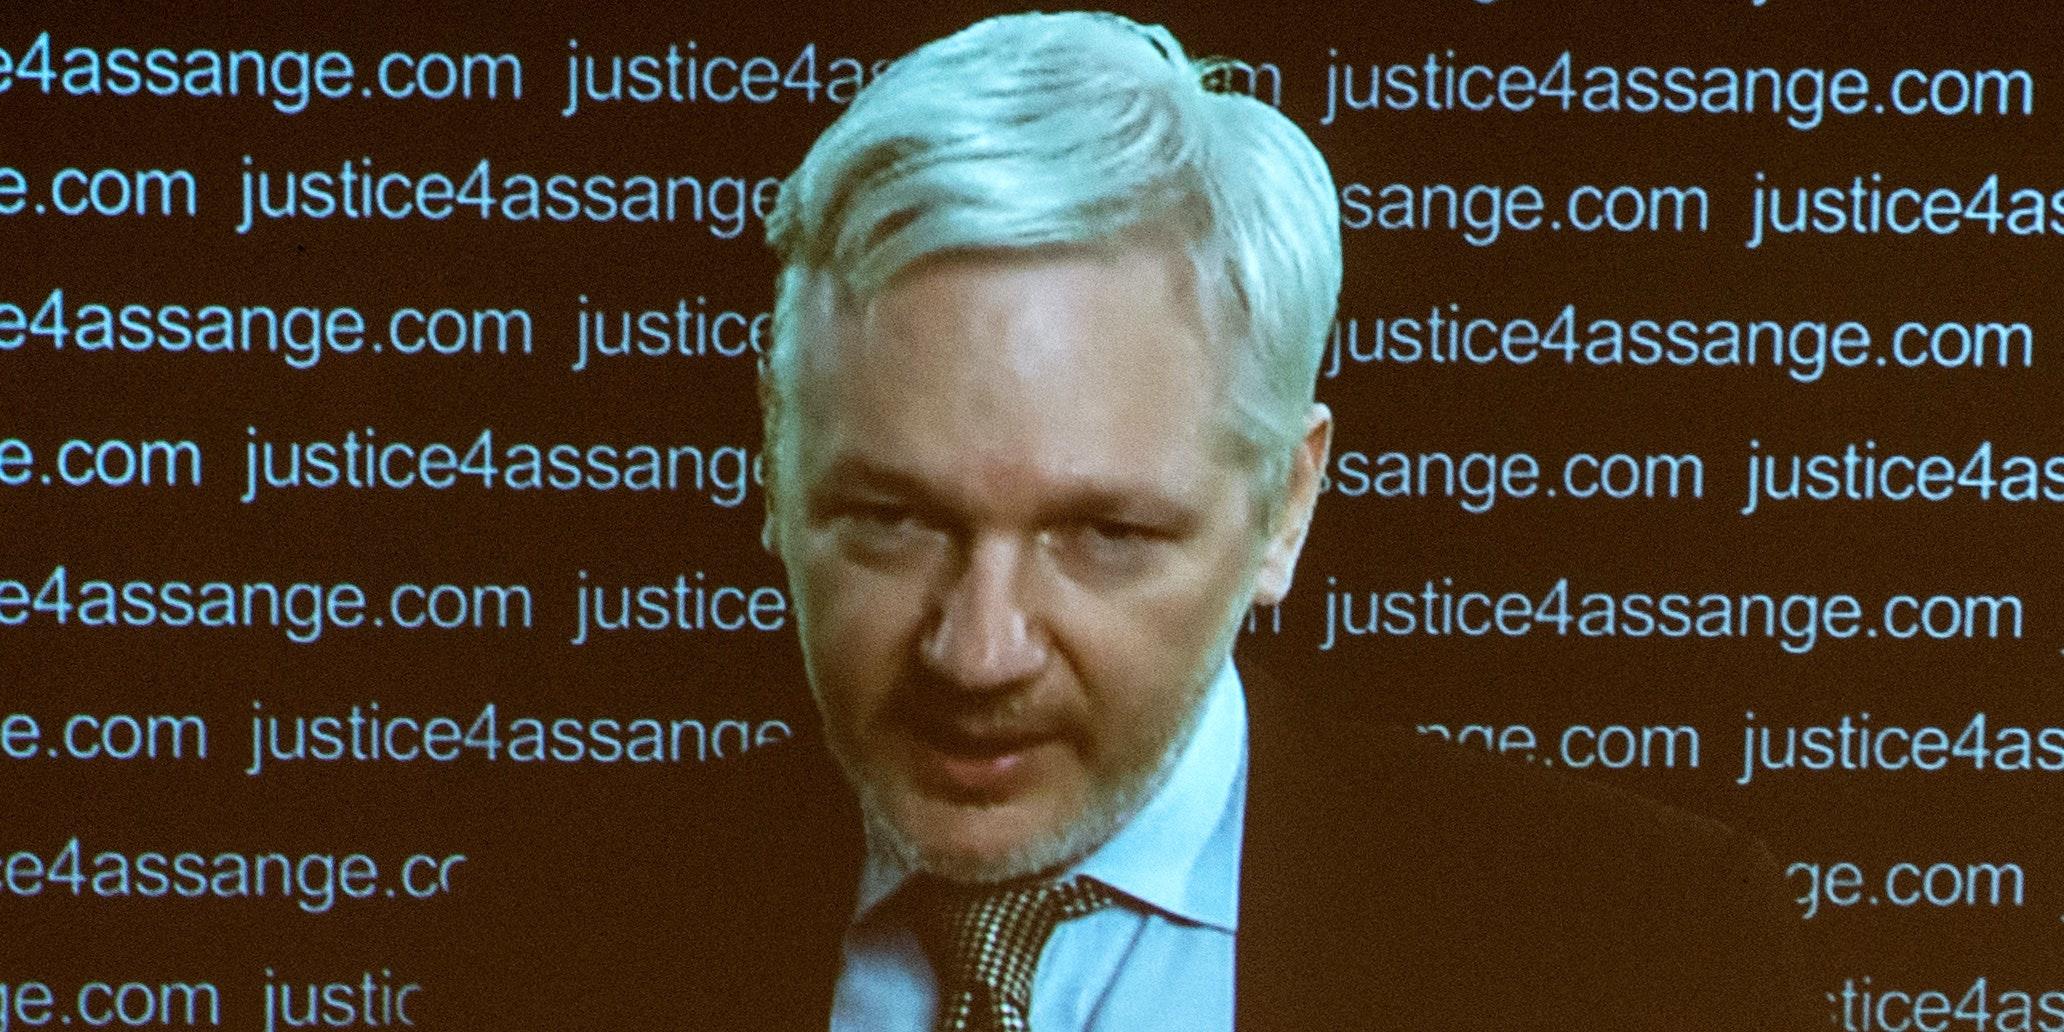 Look Inside My Pussy Un Wikileaks Founder Julian Assange Illegally Detained By U K Sweden